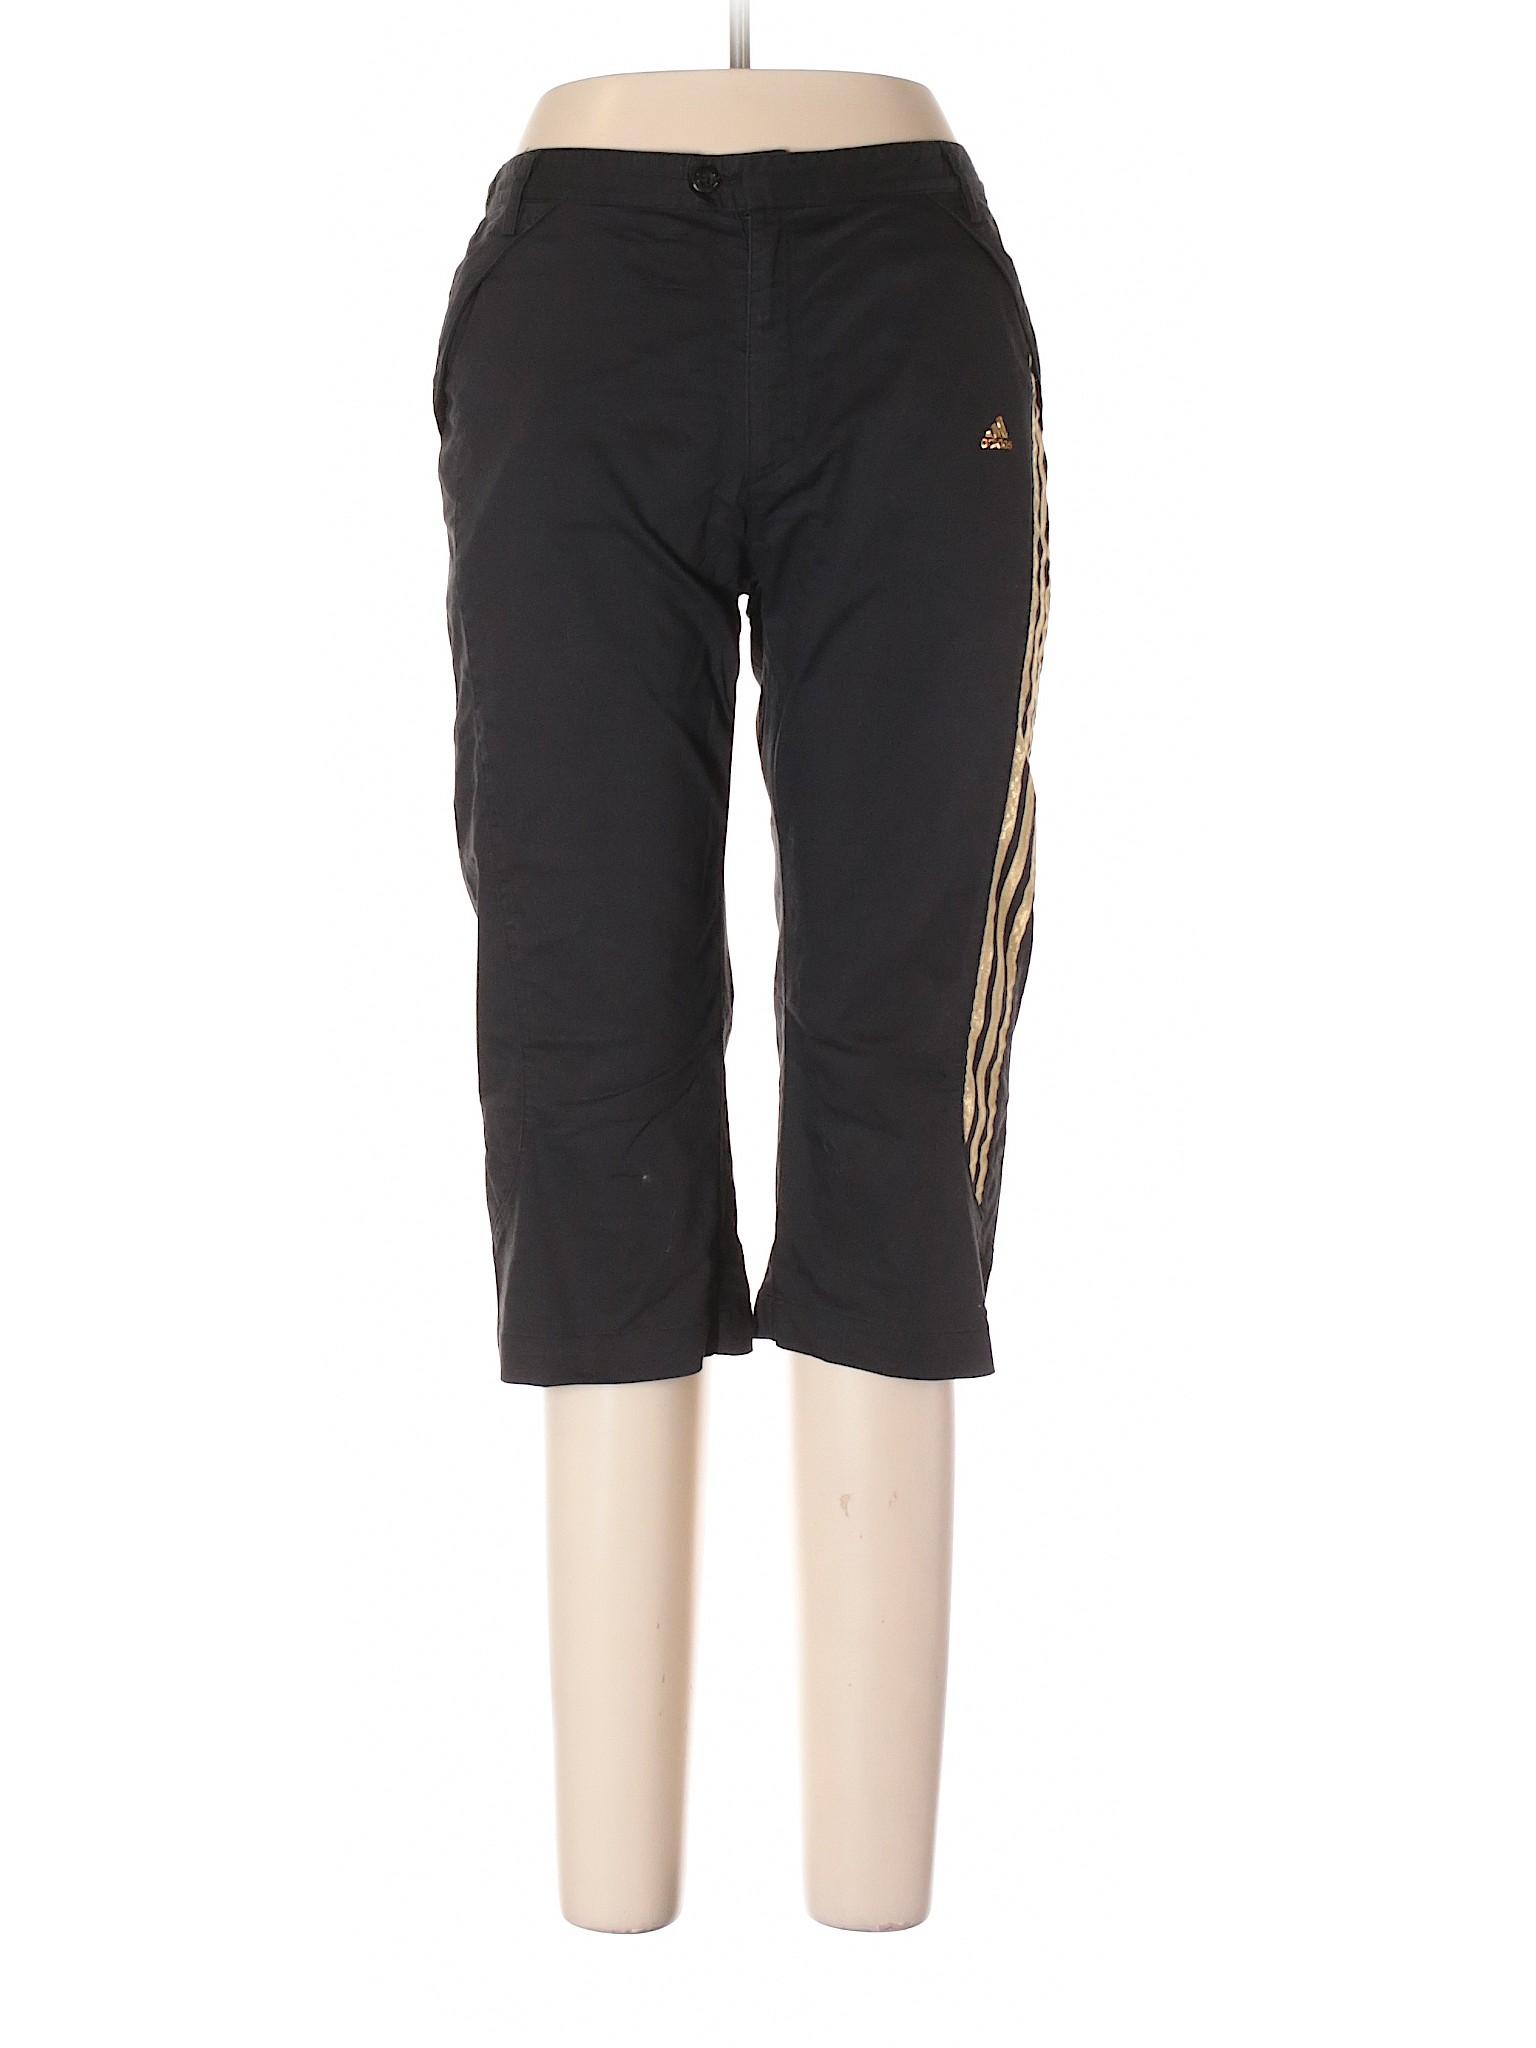 Boutique Adidas Track Adidas Track Pants Boutique Pants TZ4UqZ